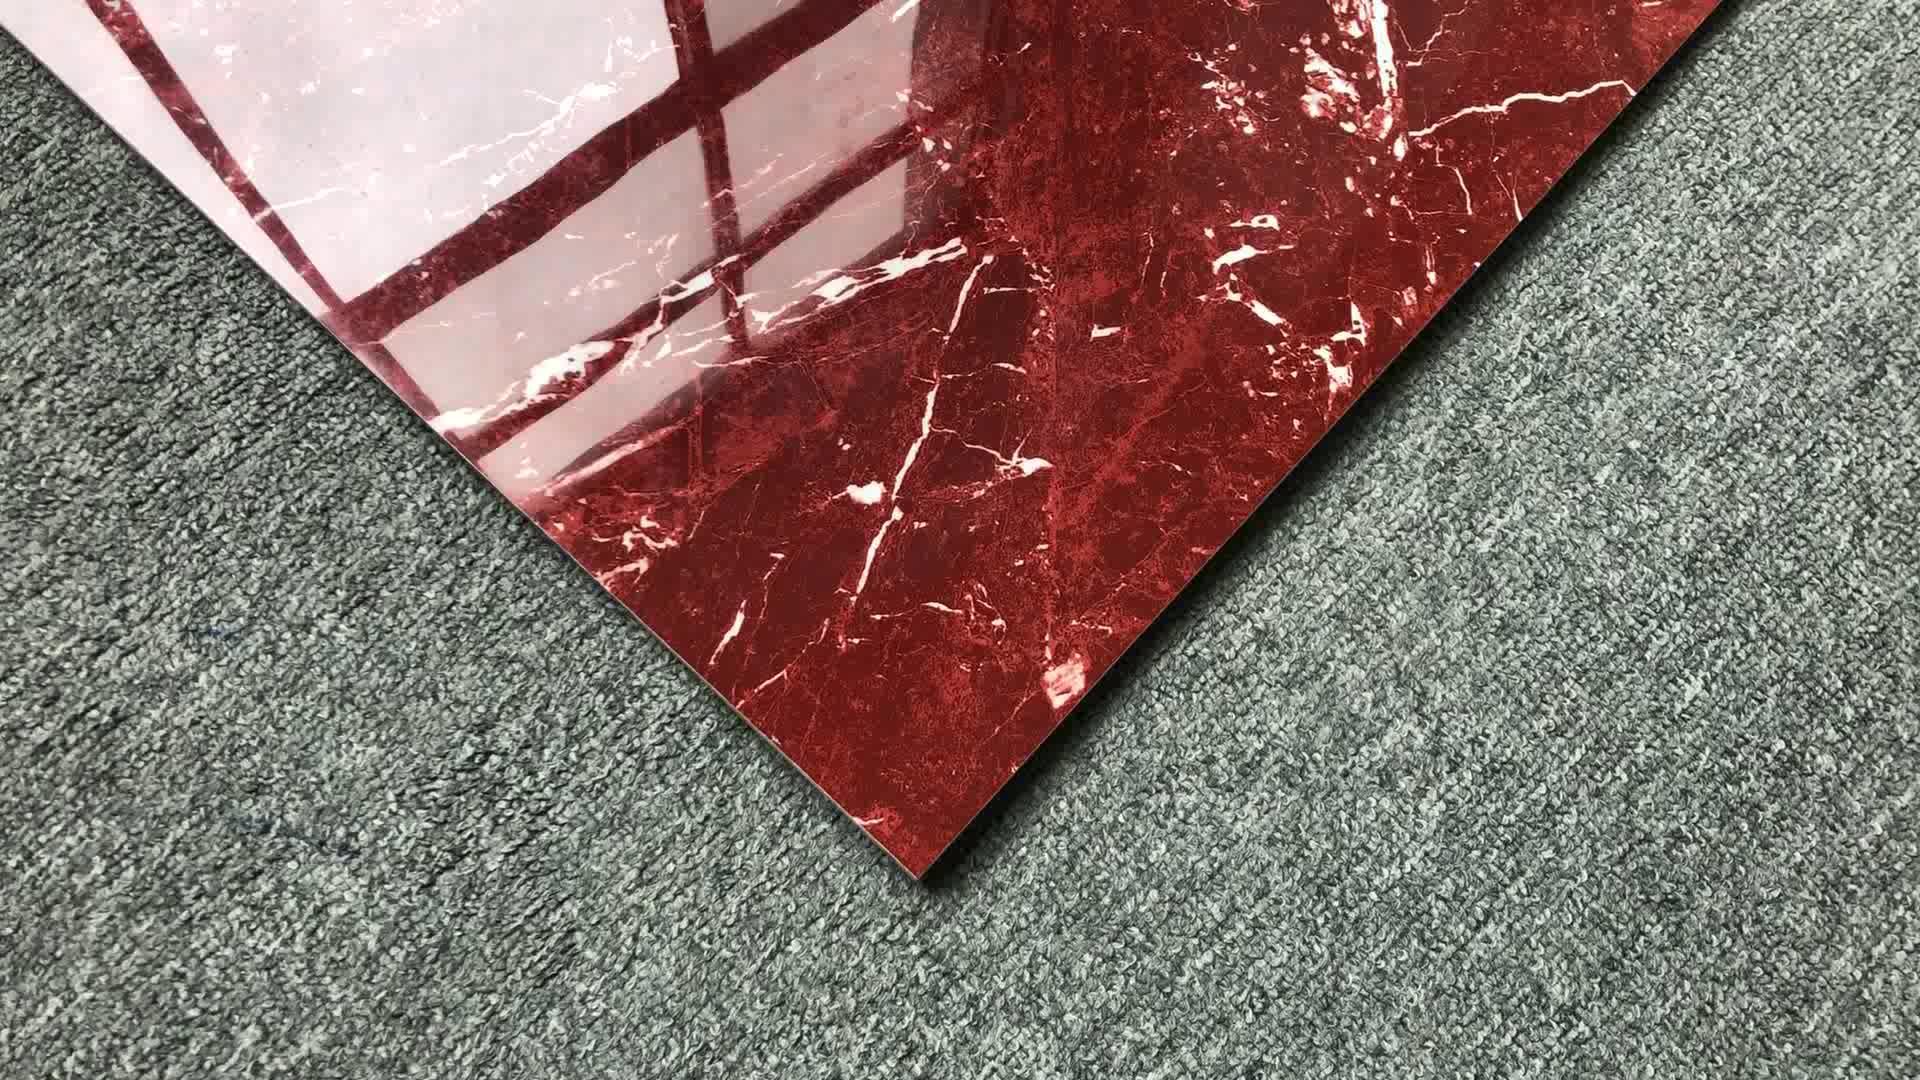 Pavimento Rosso Lucido : Rosso rosso levanto marmo pavimento in ceramica piastrelle lucide